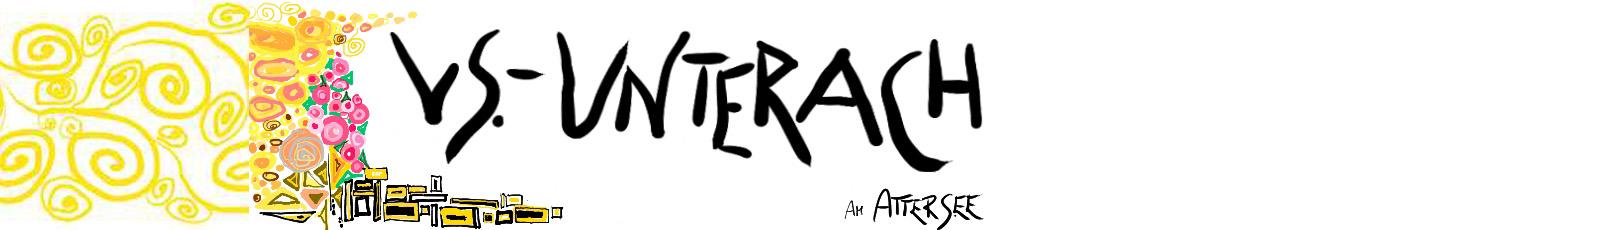 Volksschule Unterach Logo